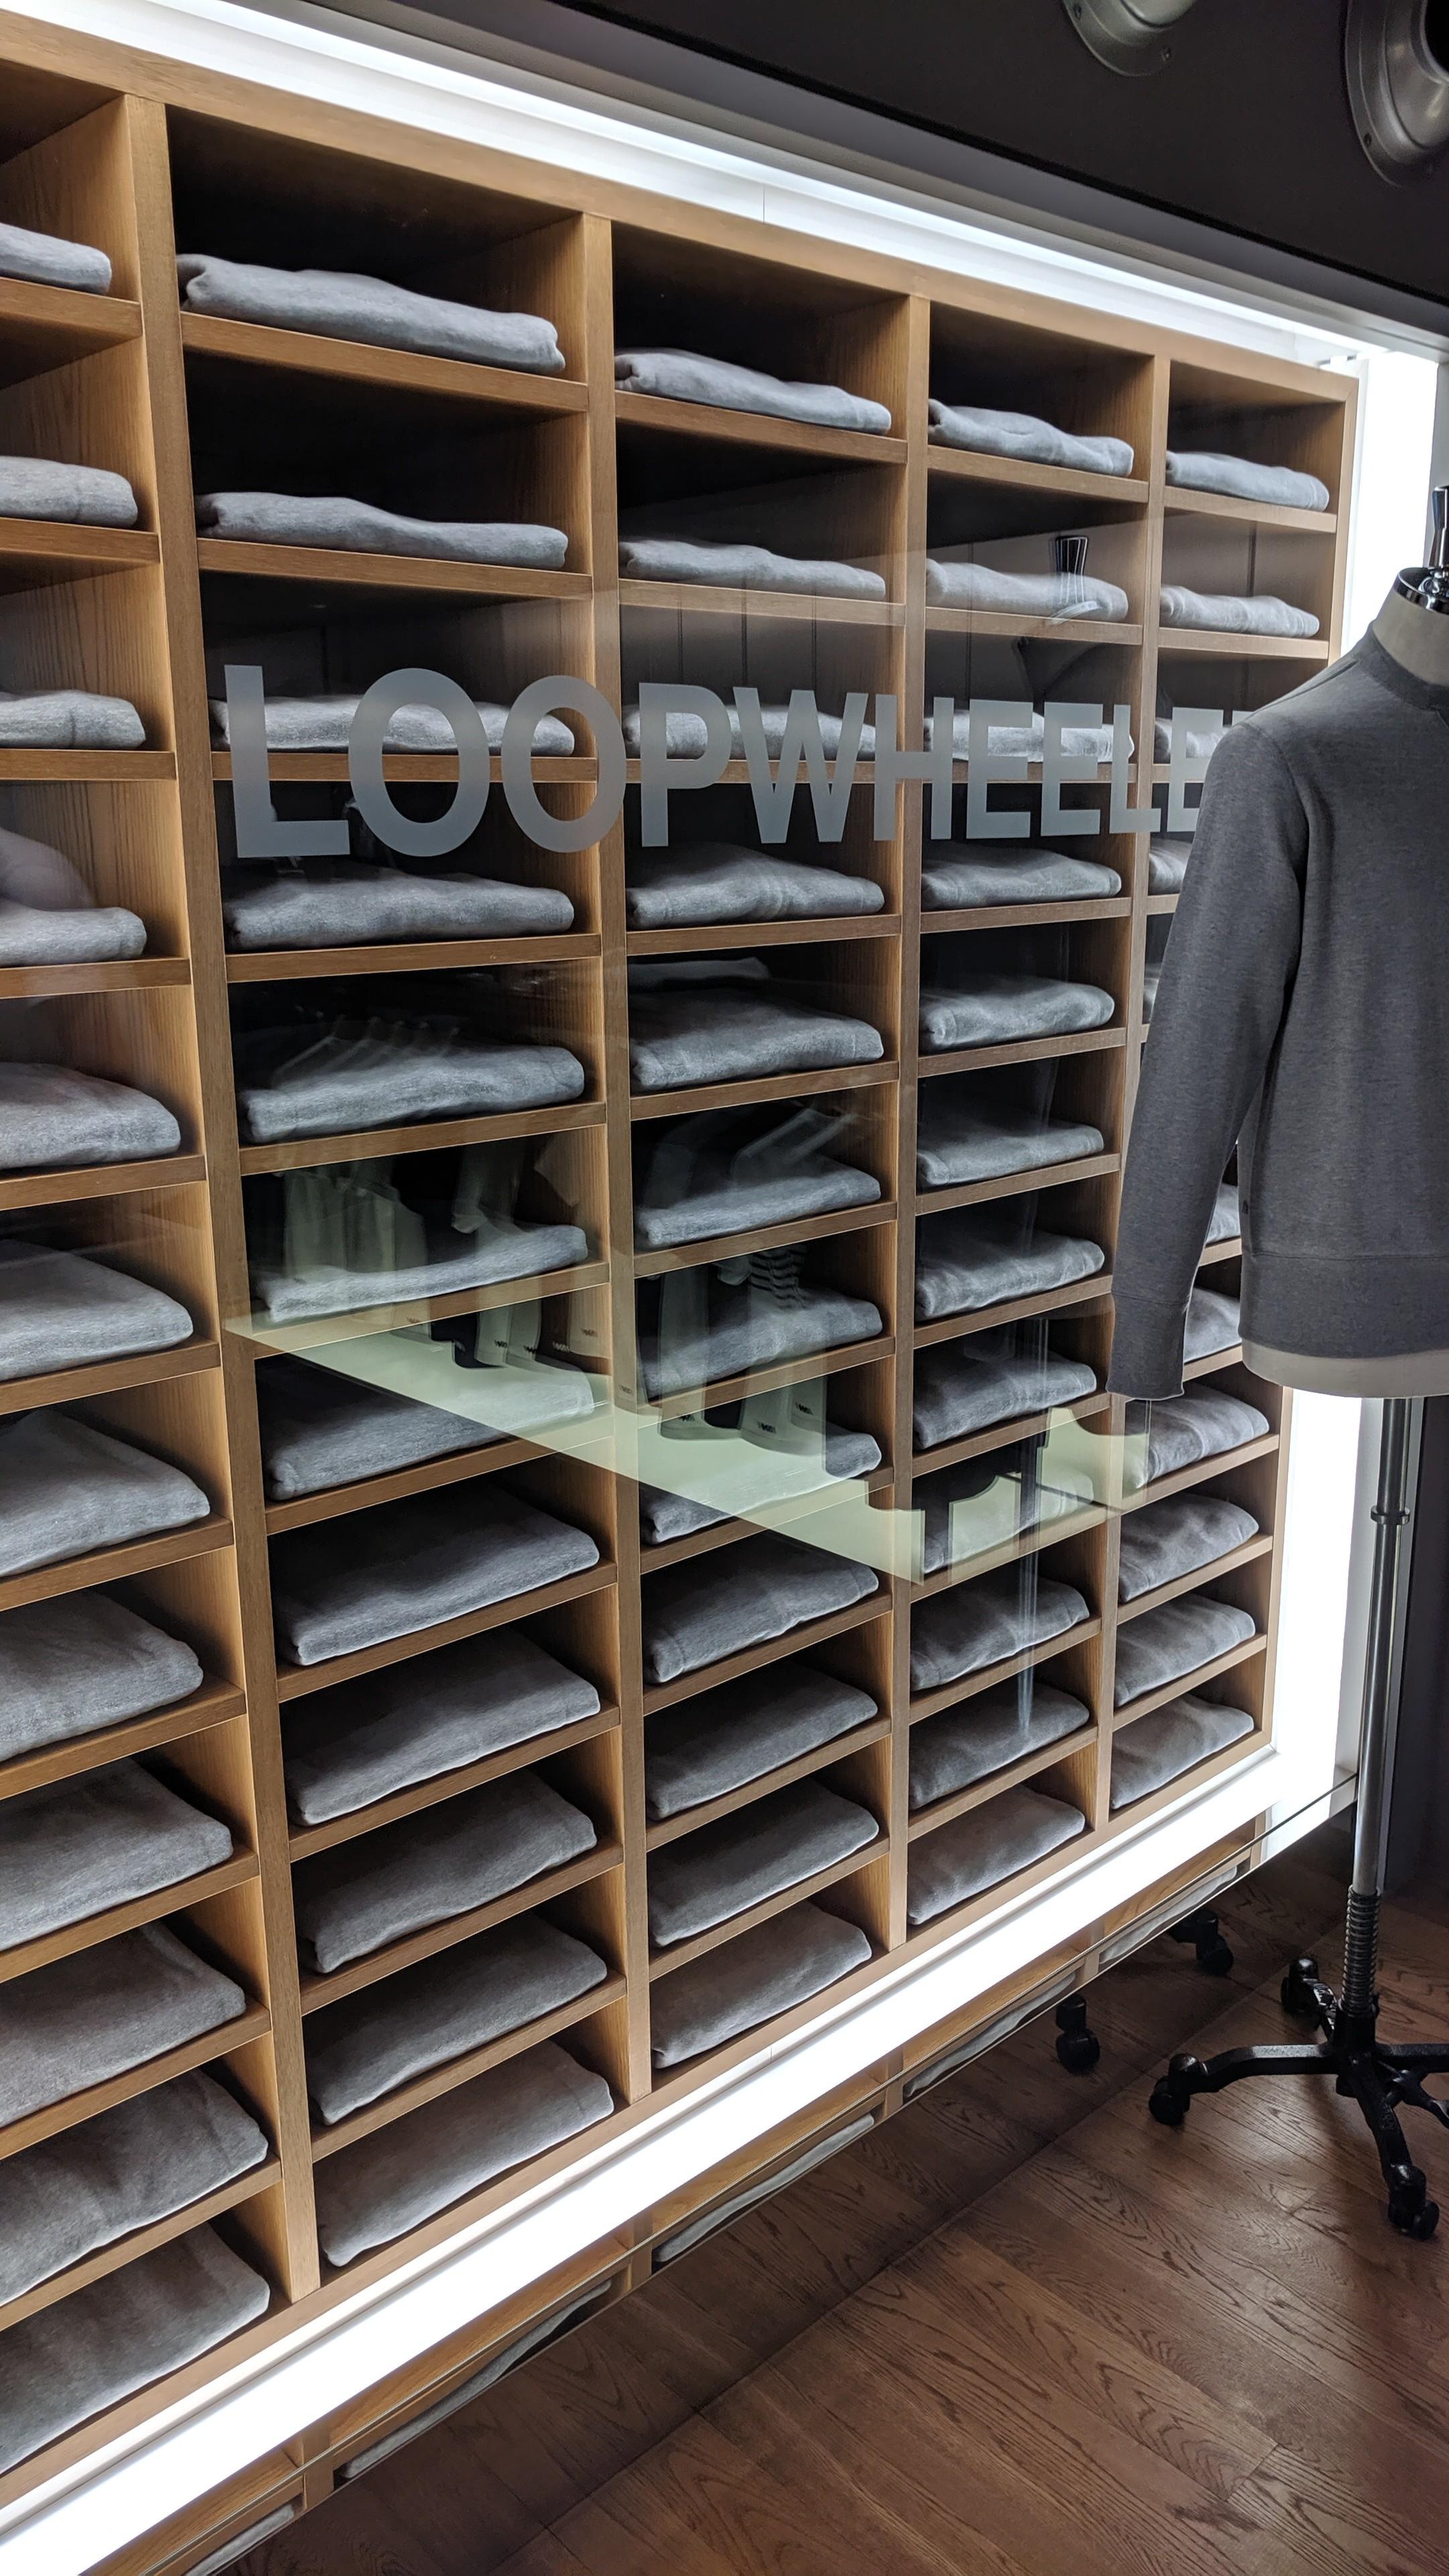 The main cabinet at Loopwheeler